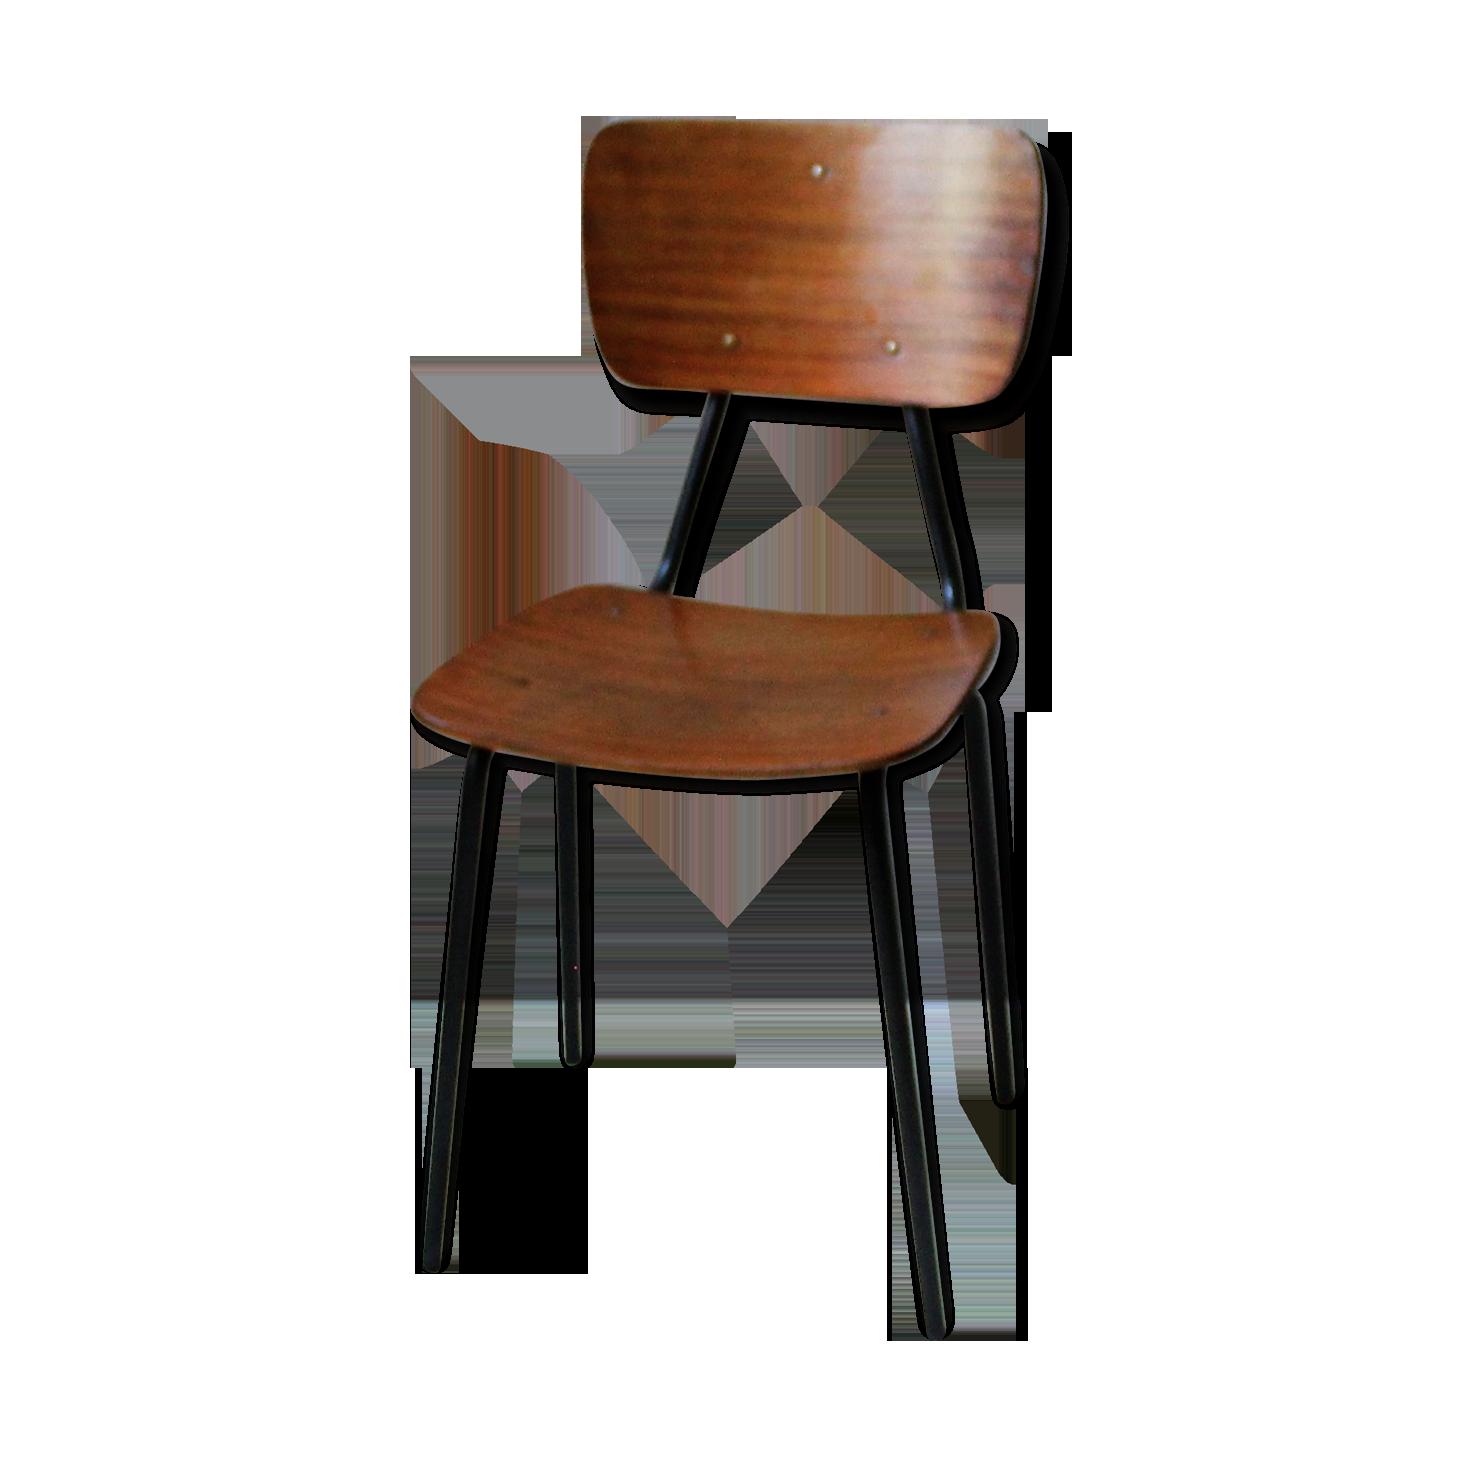 Chaise de bureau vintage fer bois couleur vintage qusqjlq